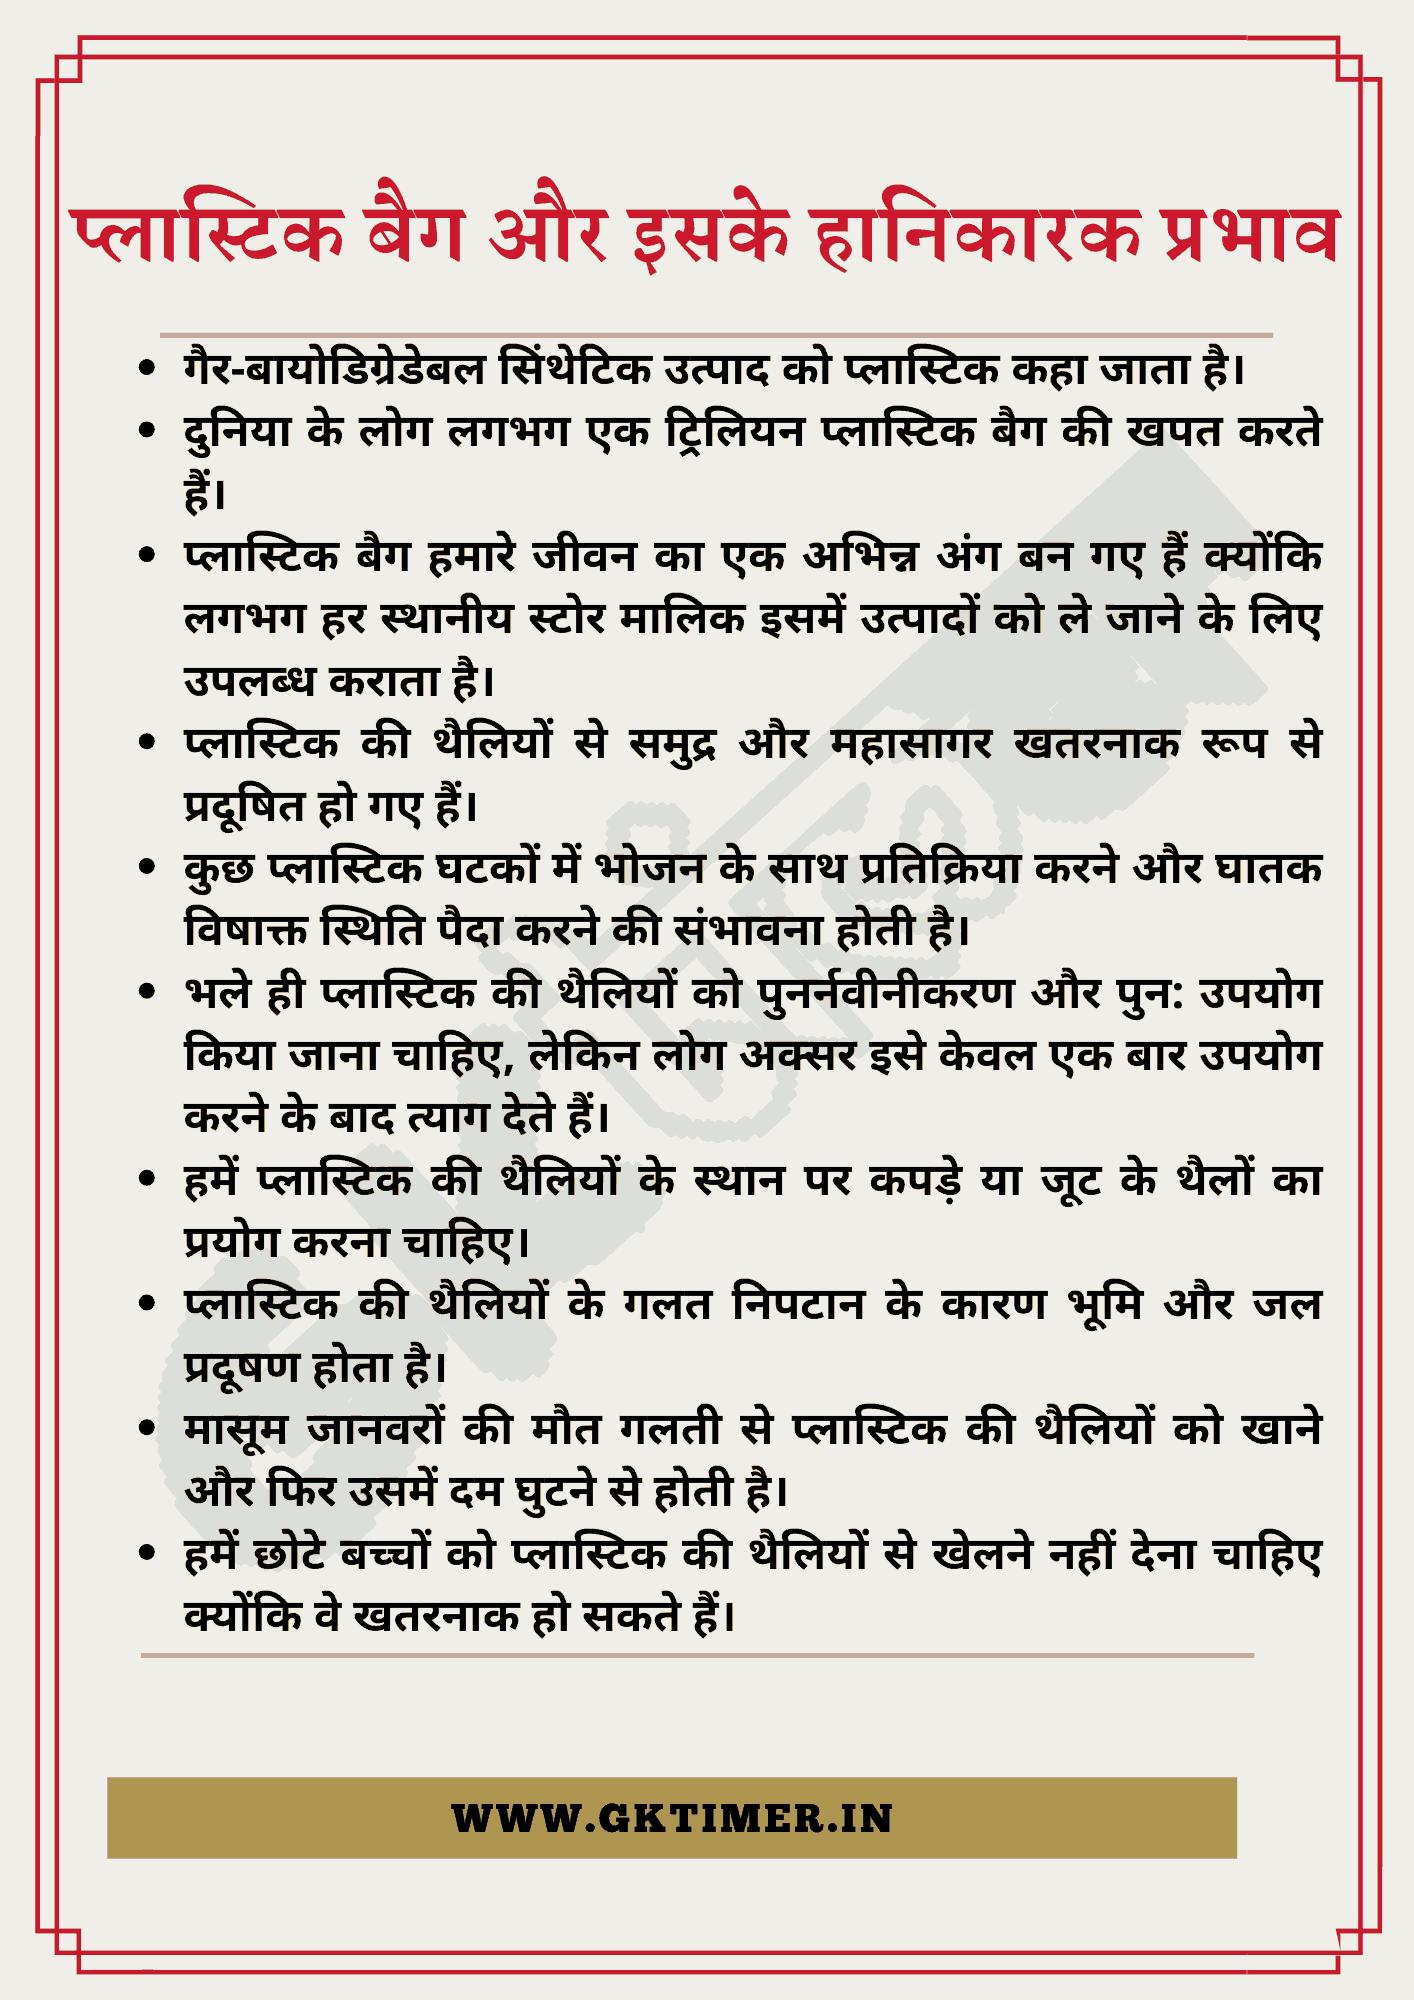 प्लास्टिक बैग और इसके हानिकारक प्रभाव पर निबंध   Essay on Plastic Bag And Its Harmful Effects in Hindi   10 Lines on Plastic Bag And Its Harmful Effects in Hindi